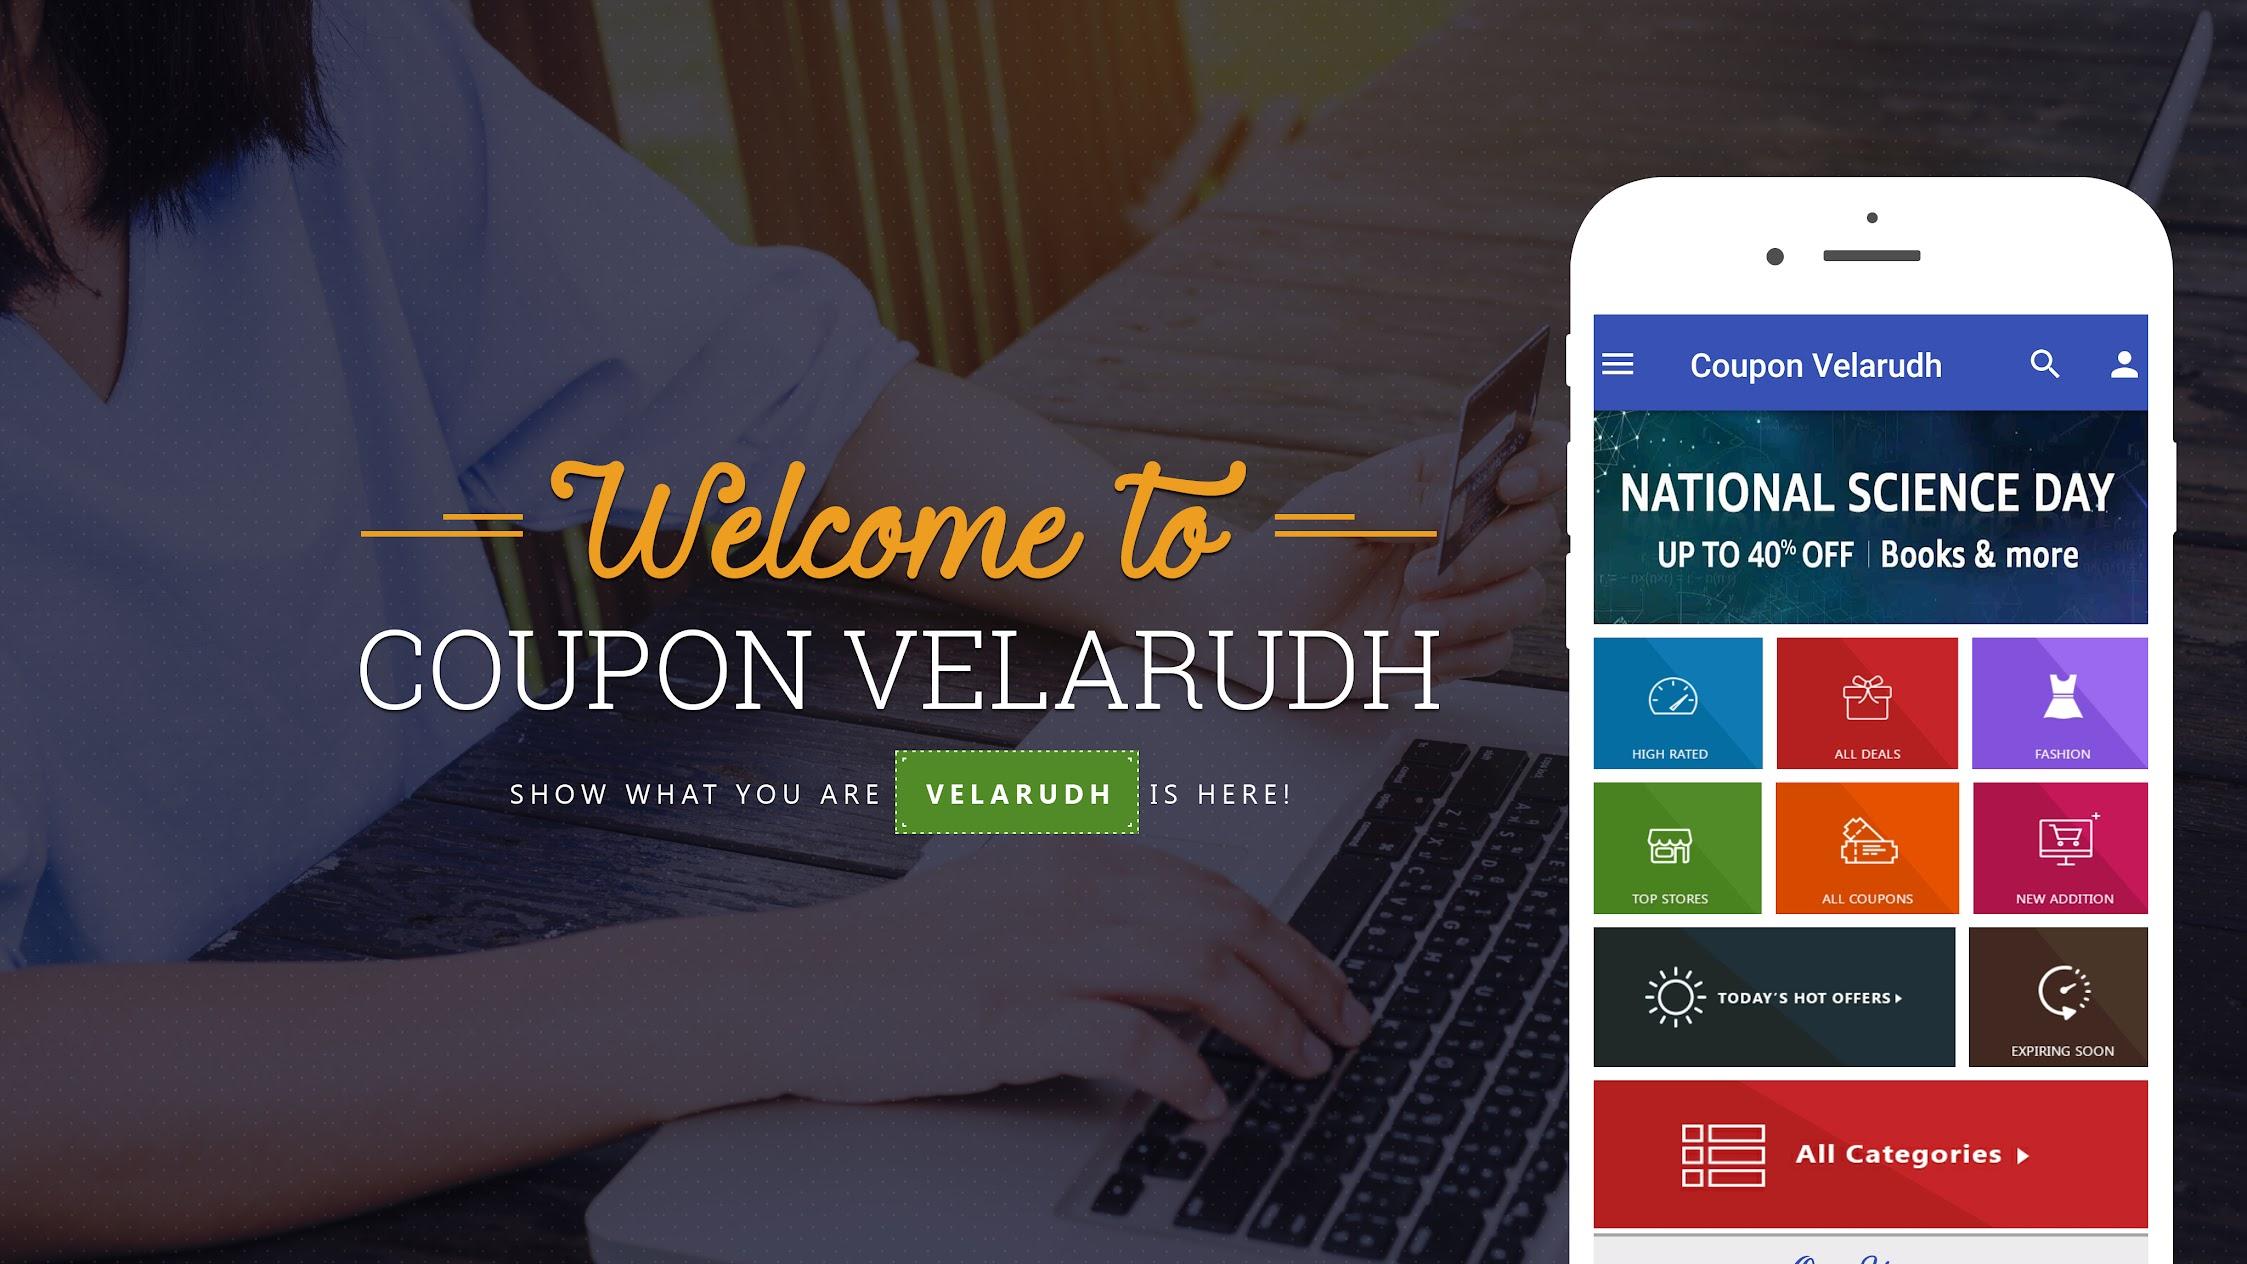 Velarudh